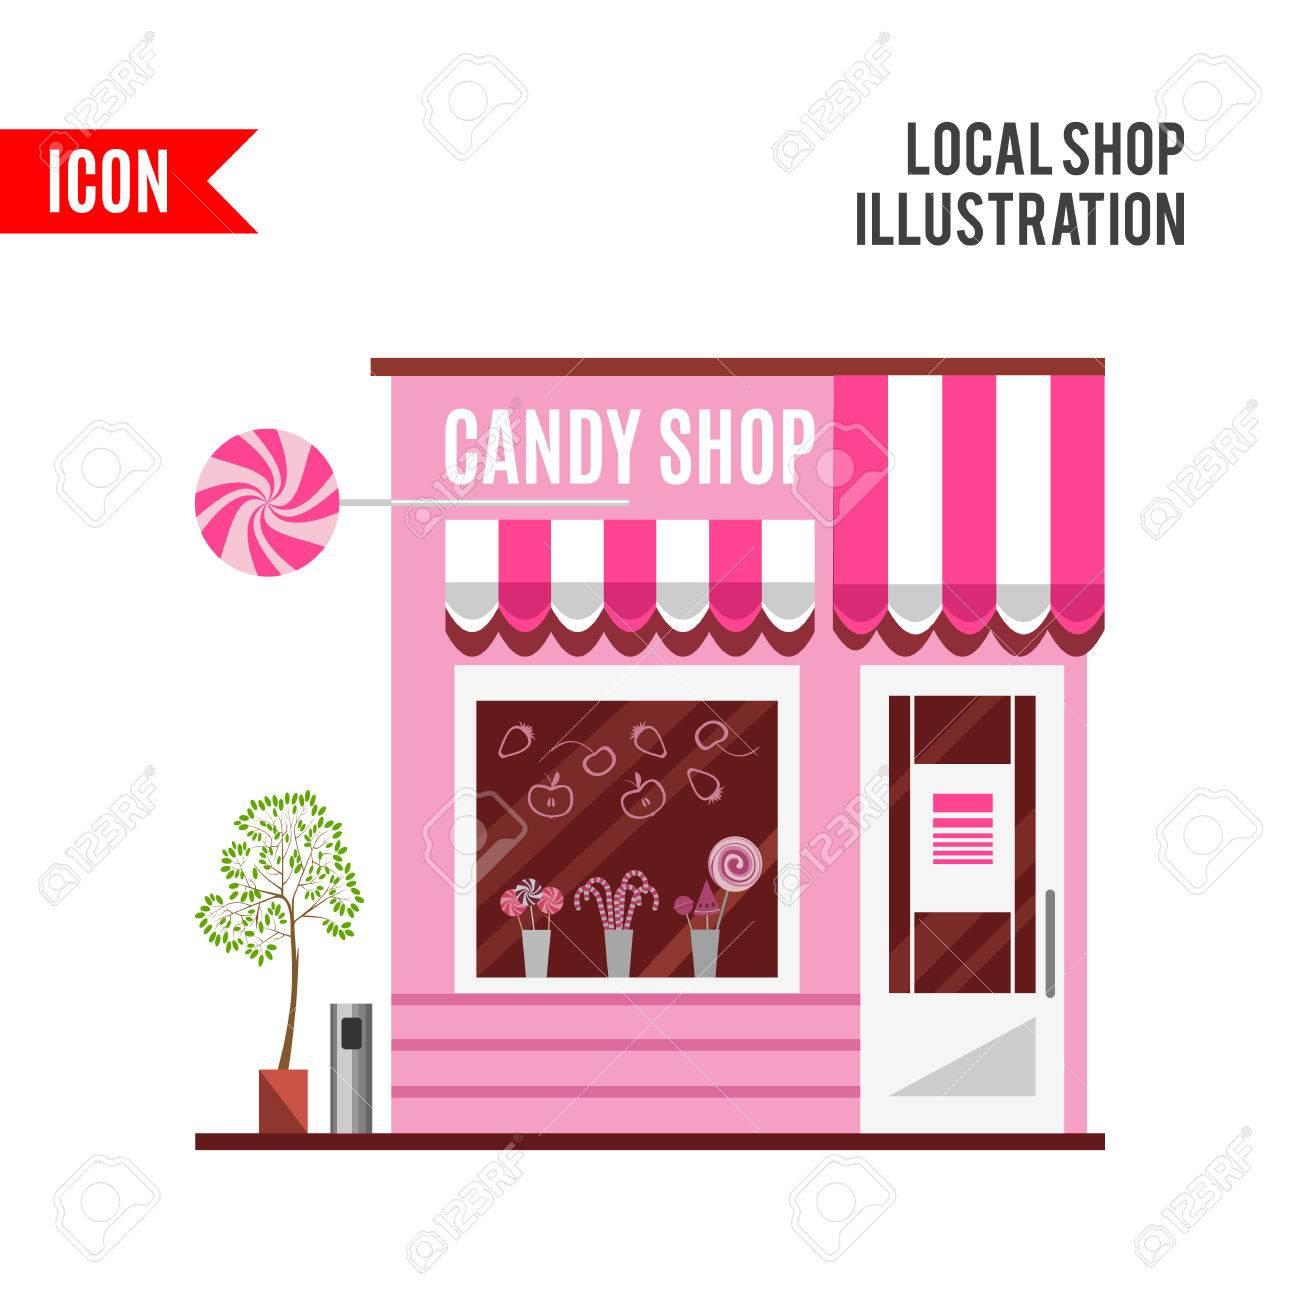 ピンク色の駄菓子屋。スモール ビジネス コンセプトのイラストをフラット デザイン。お